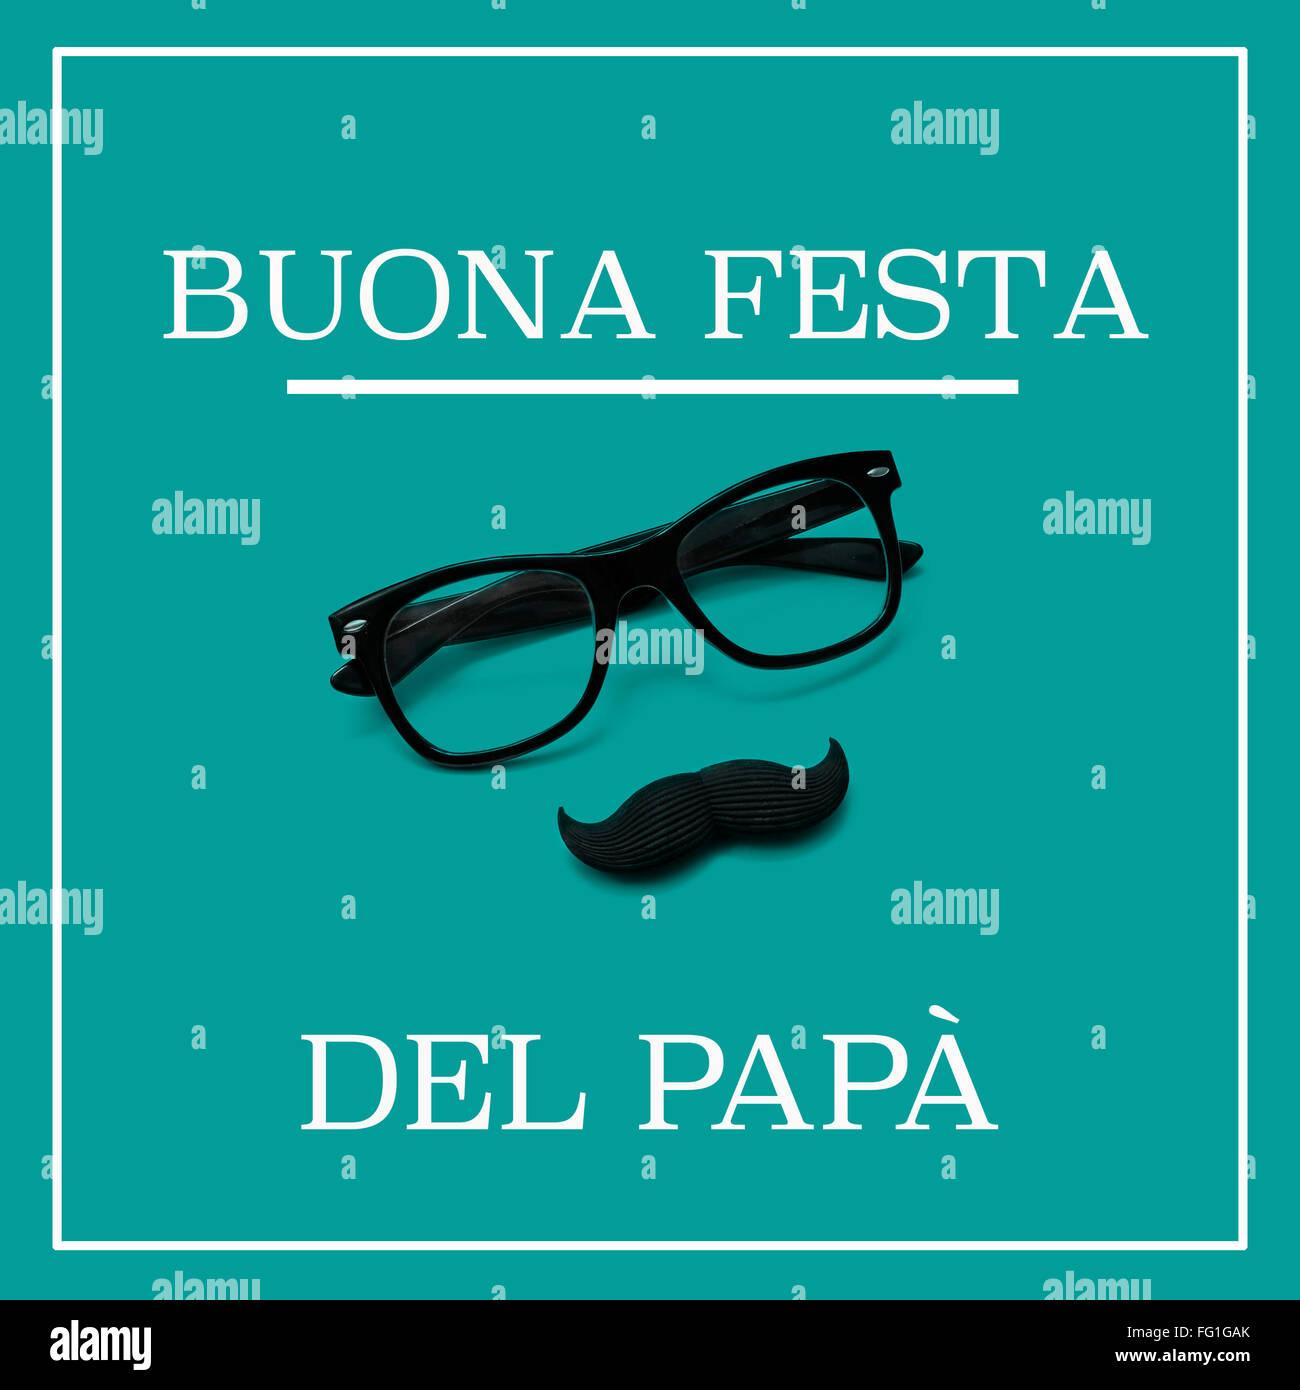 La phrase buona Festa del Papa, happy fathers day en italien, et une paire de lunettes noires et une moustache formant Photo Stock